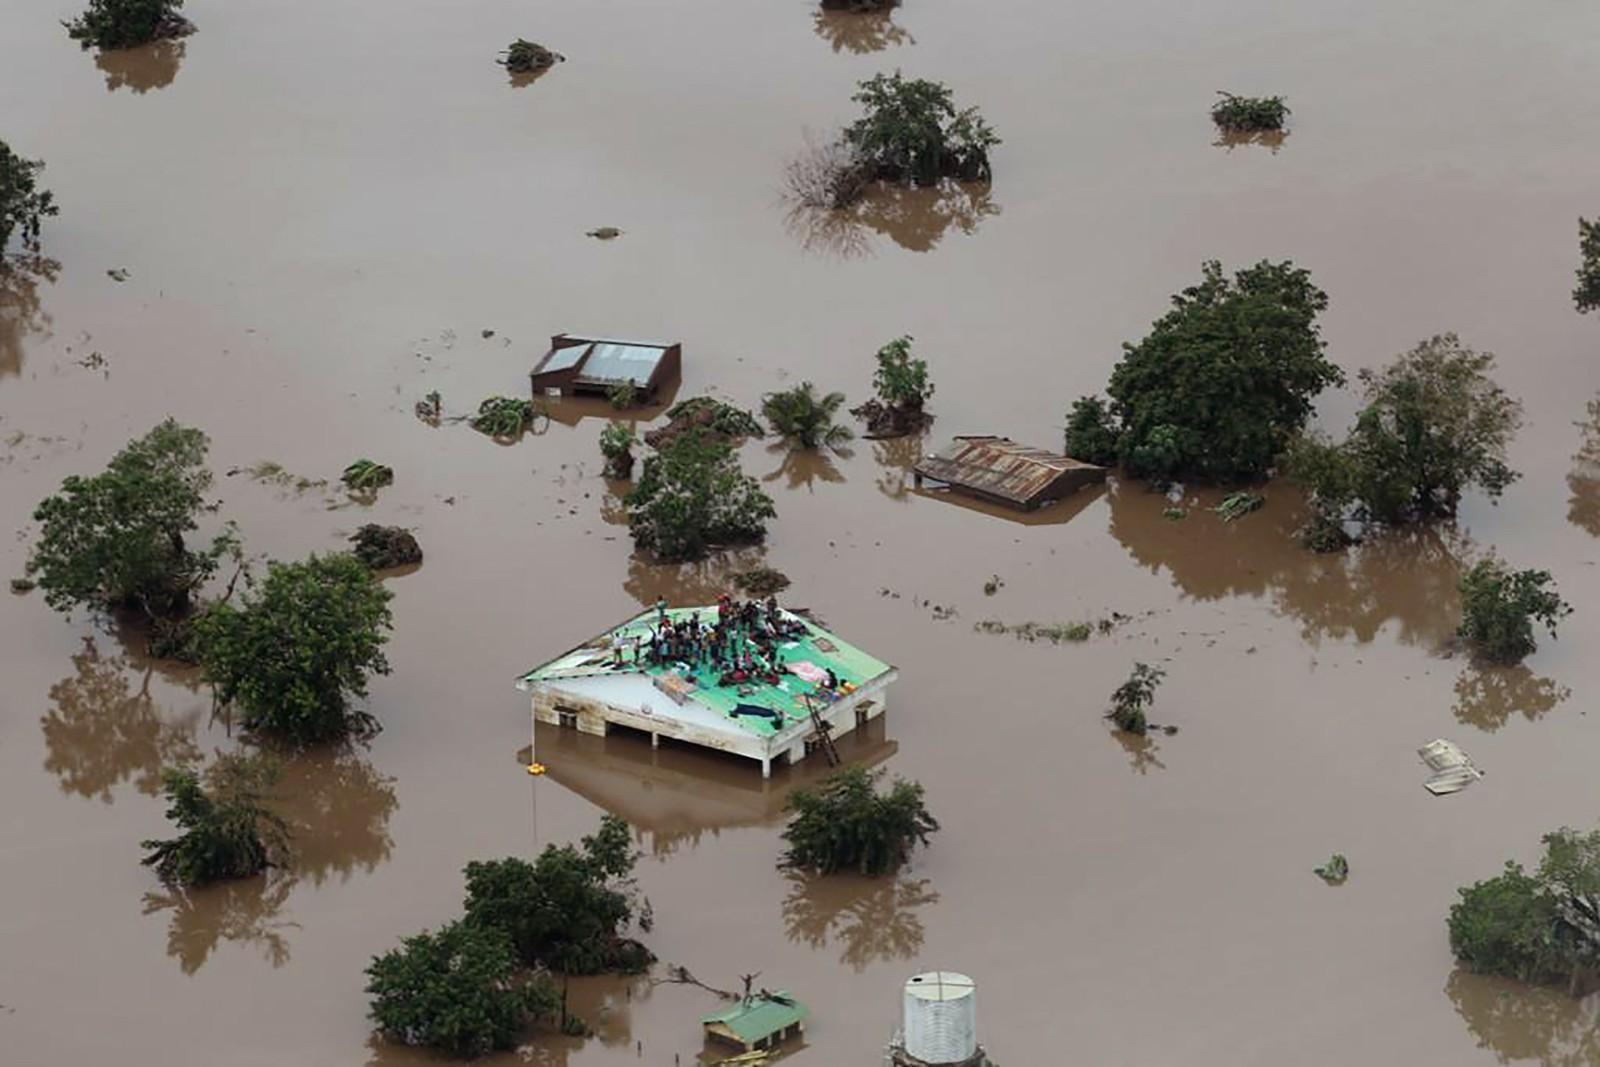 Número de vítimas de ciclone em Moçambique e Zimbábue deve 'crescer significativamente', alerta Cruz Vermelha